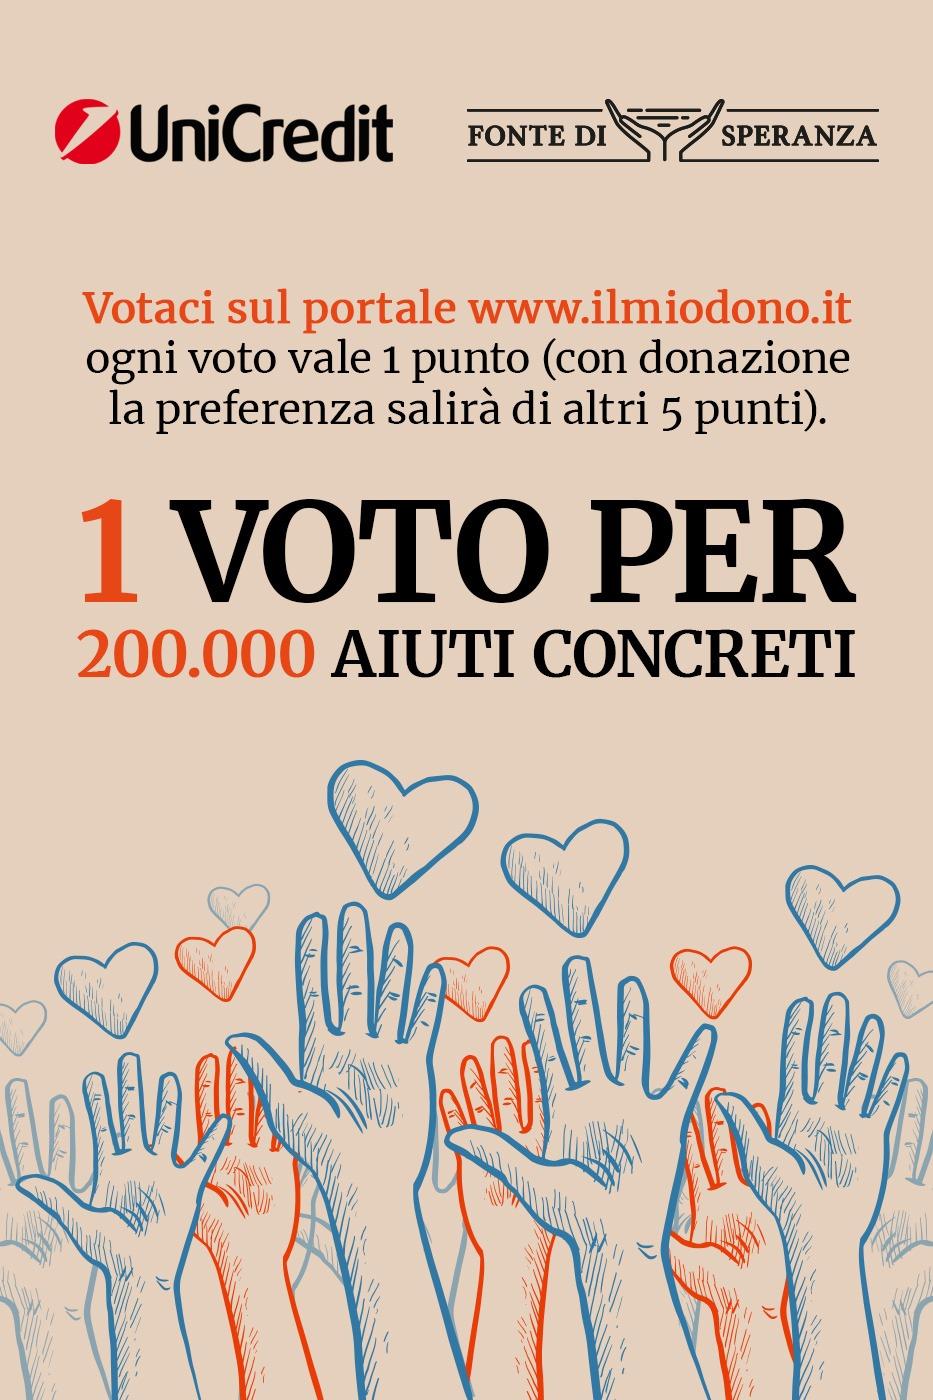 Vota Fonte di Speranza al concorso di Unicredit 1 voto per 200.000 aiuti concreti